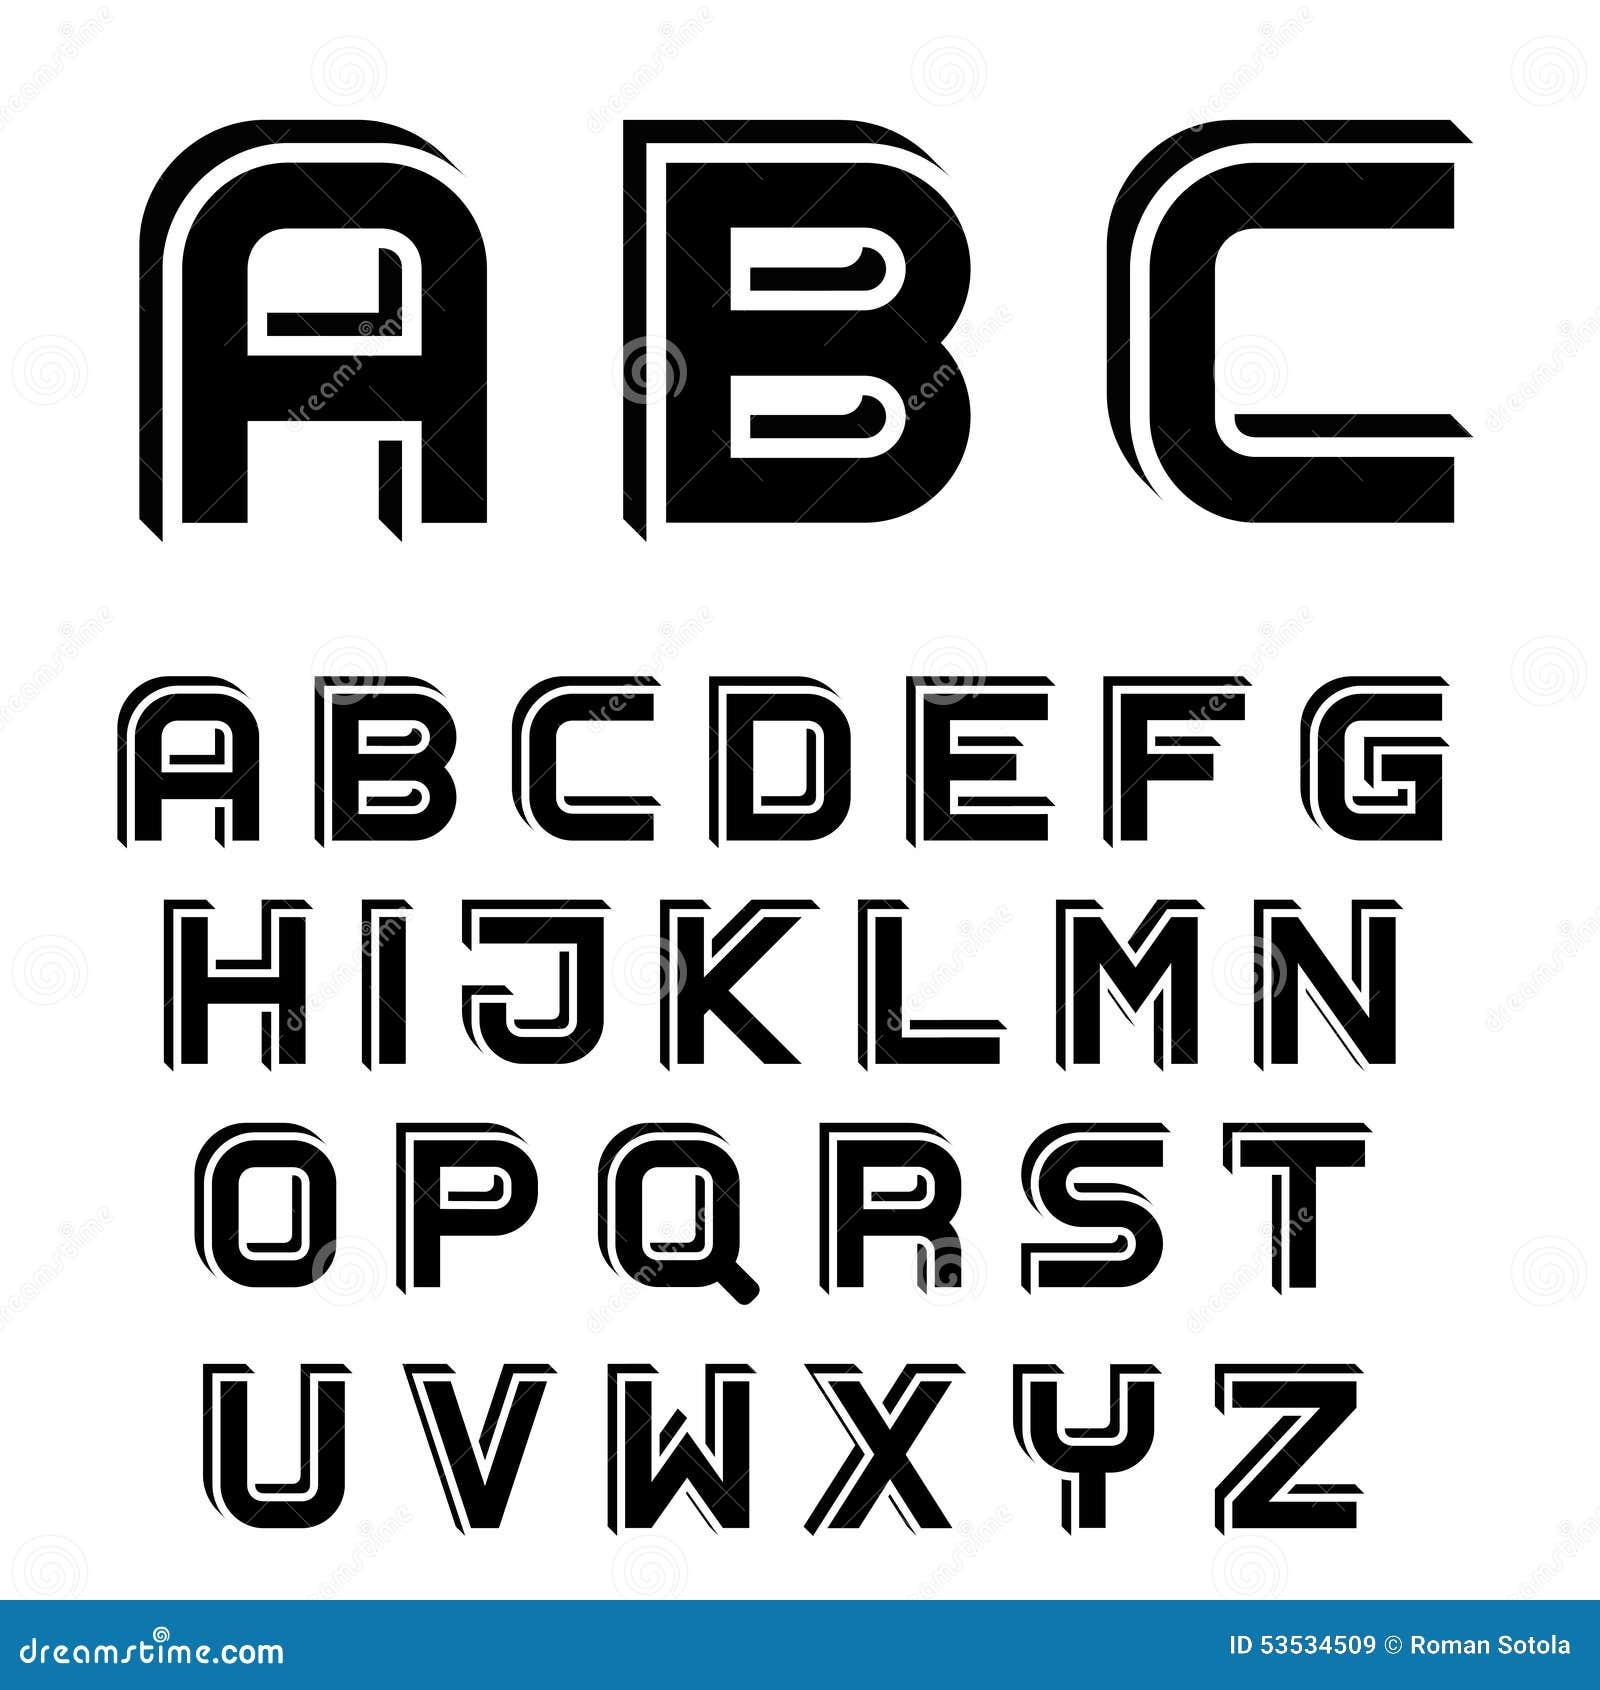 3D black simple font alphabet letters